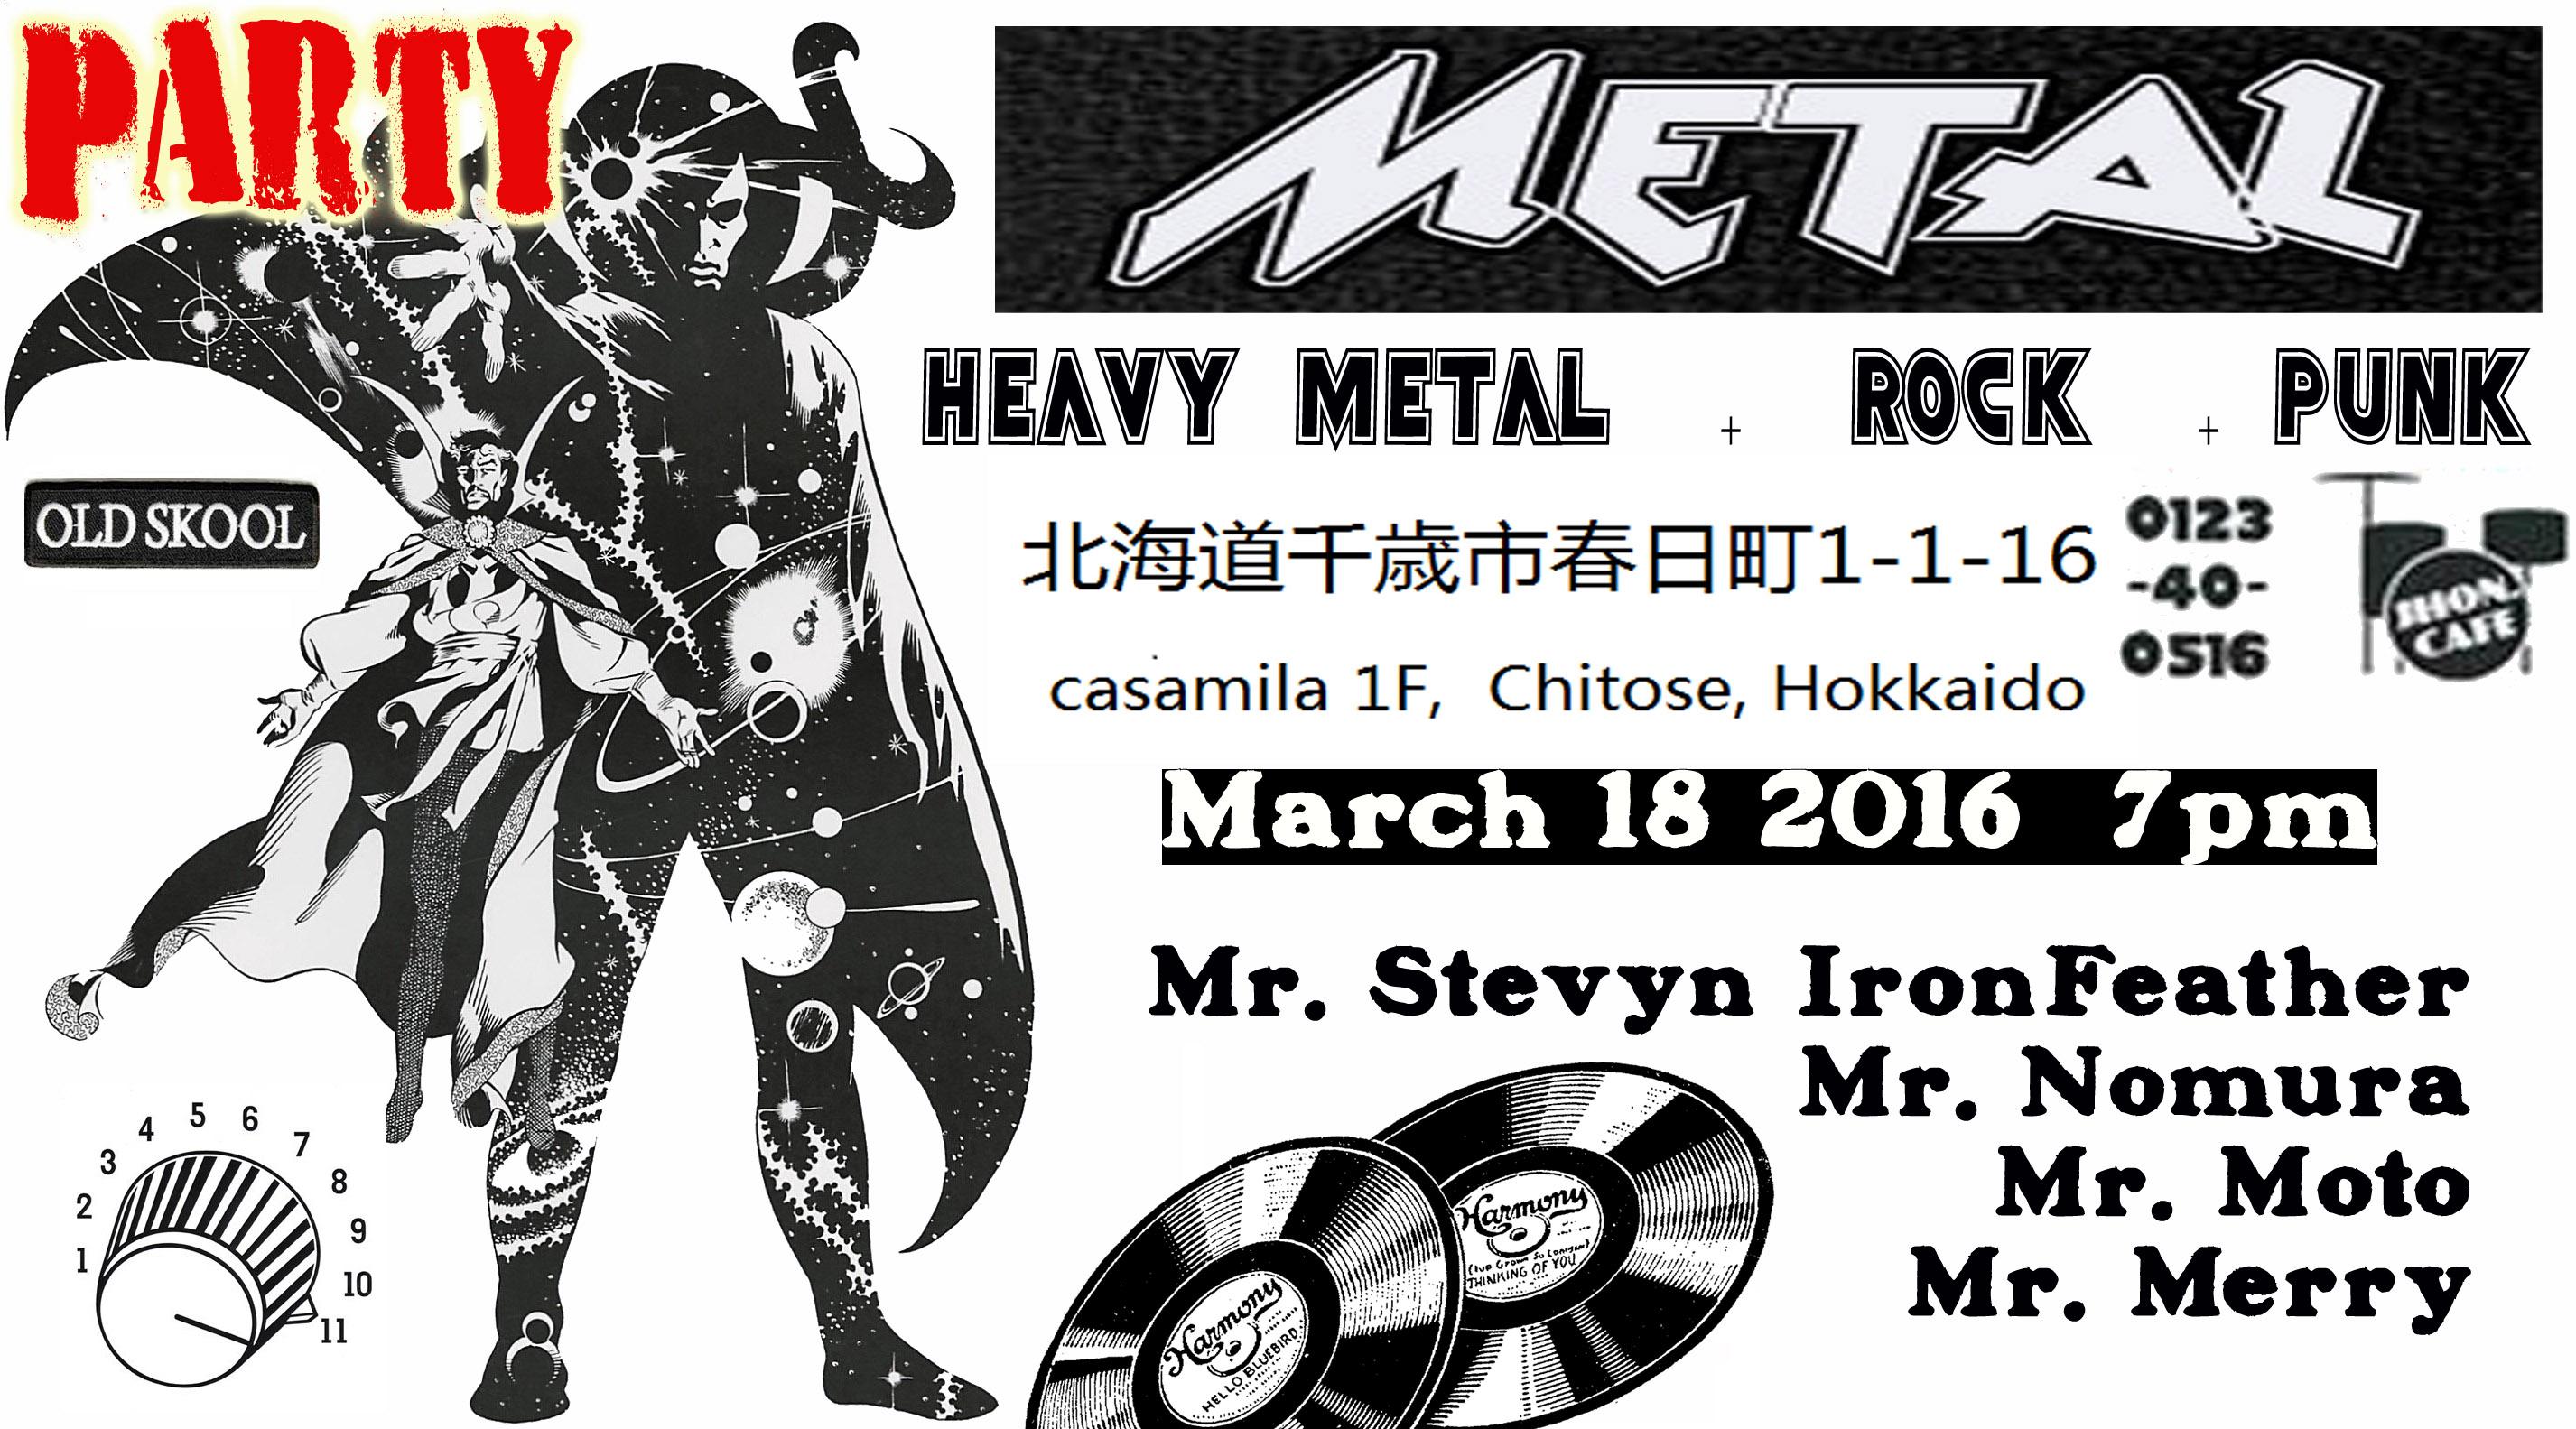 hokkaido metal party